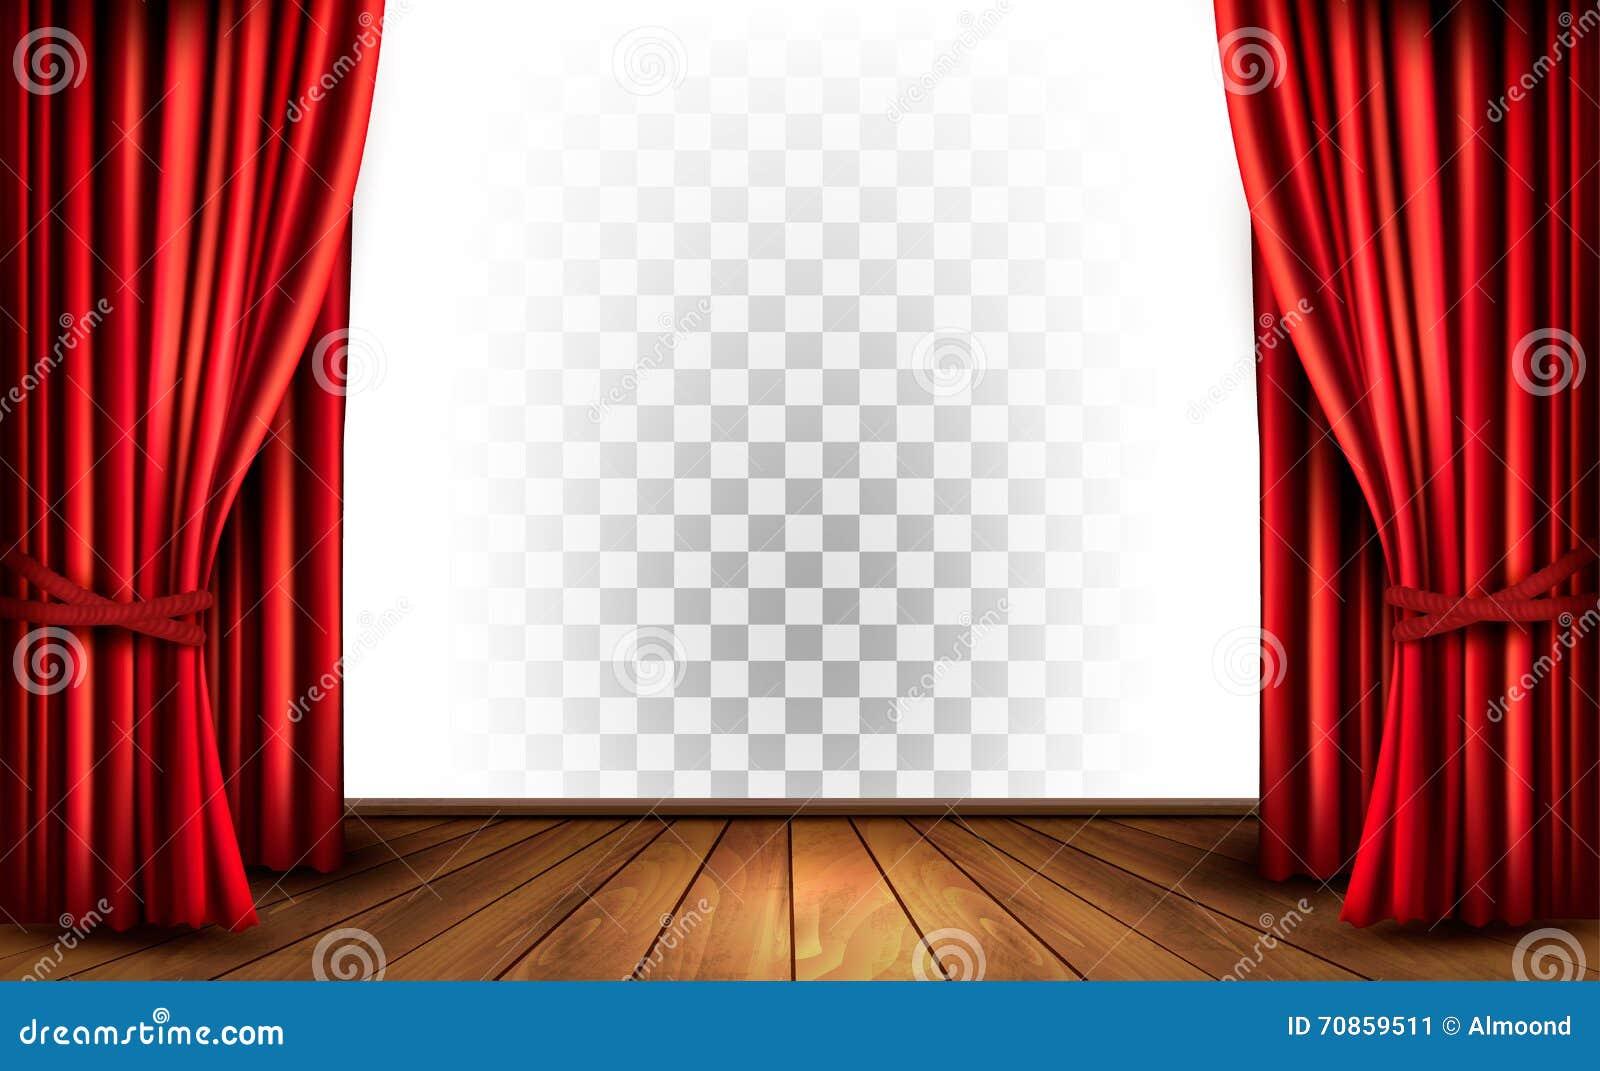 Cortinas del teatro con un fondo transparente ilustraci n - Cortinas para pasillos ...